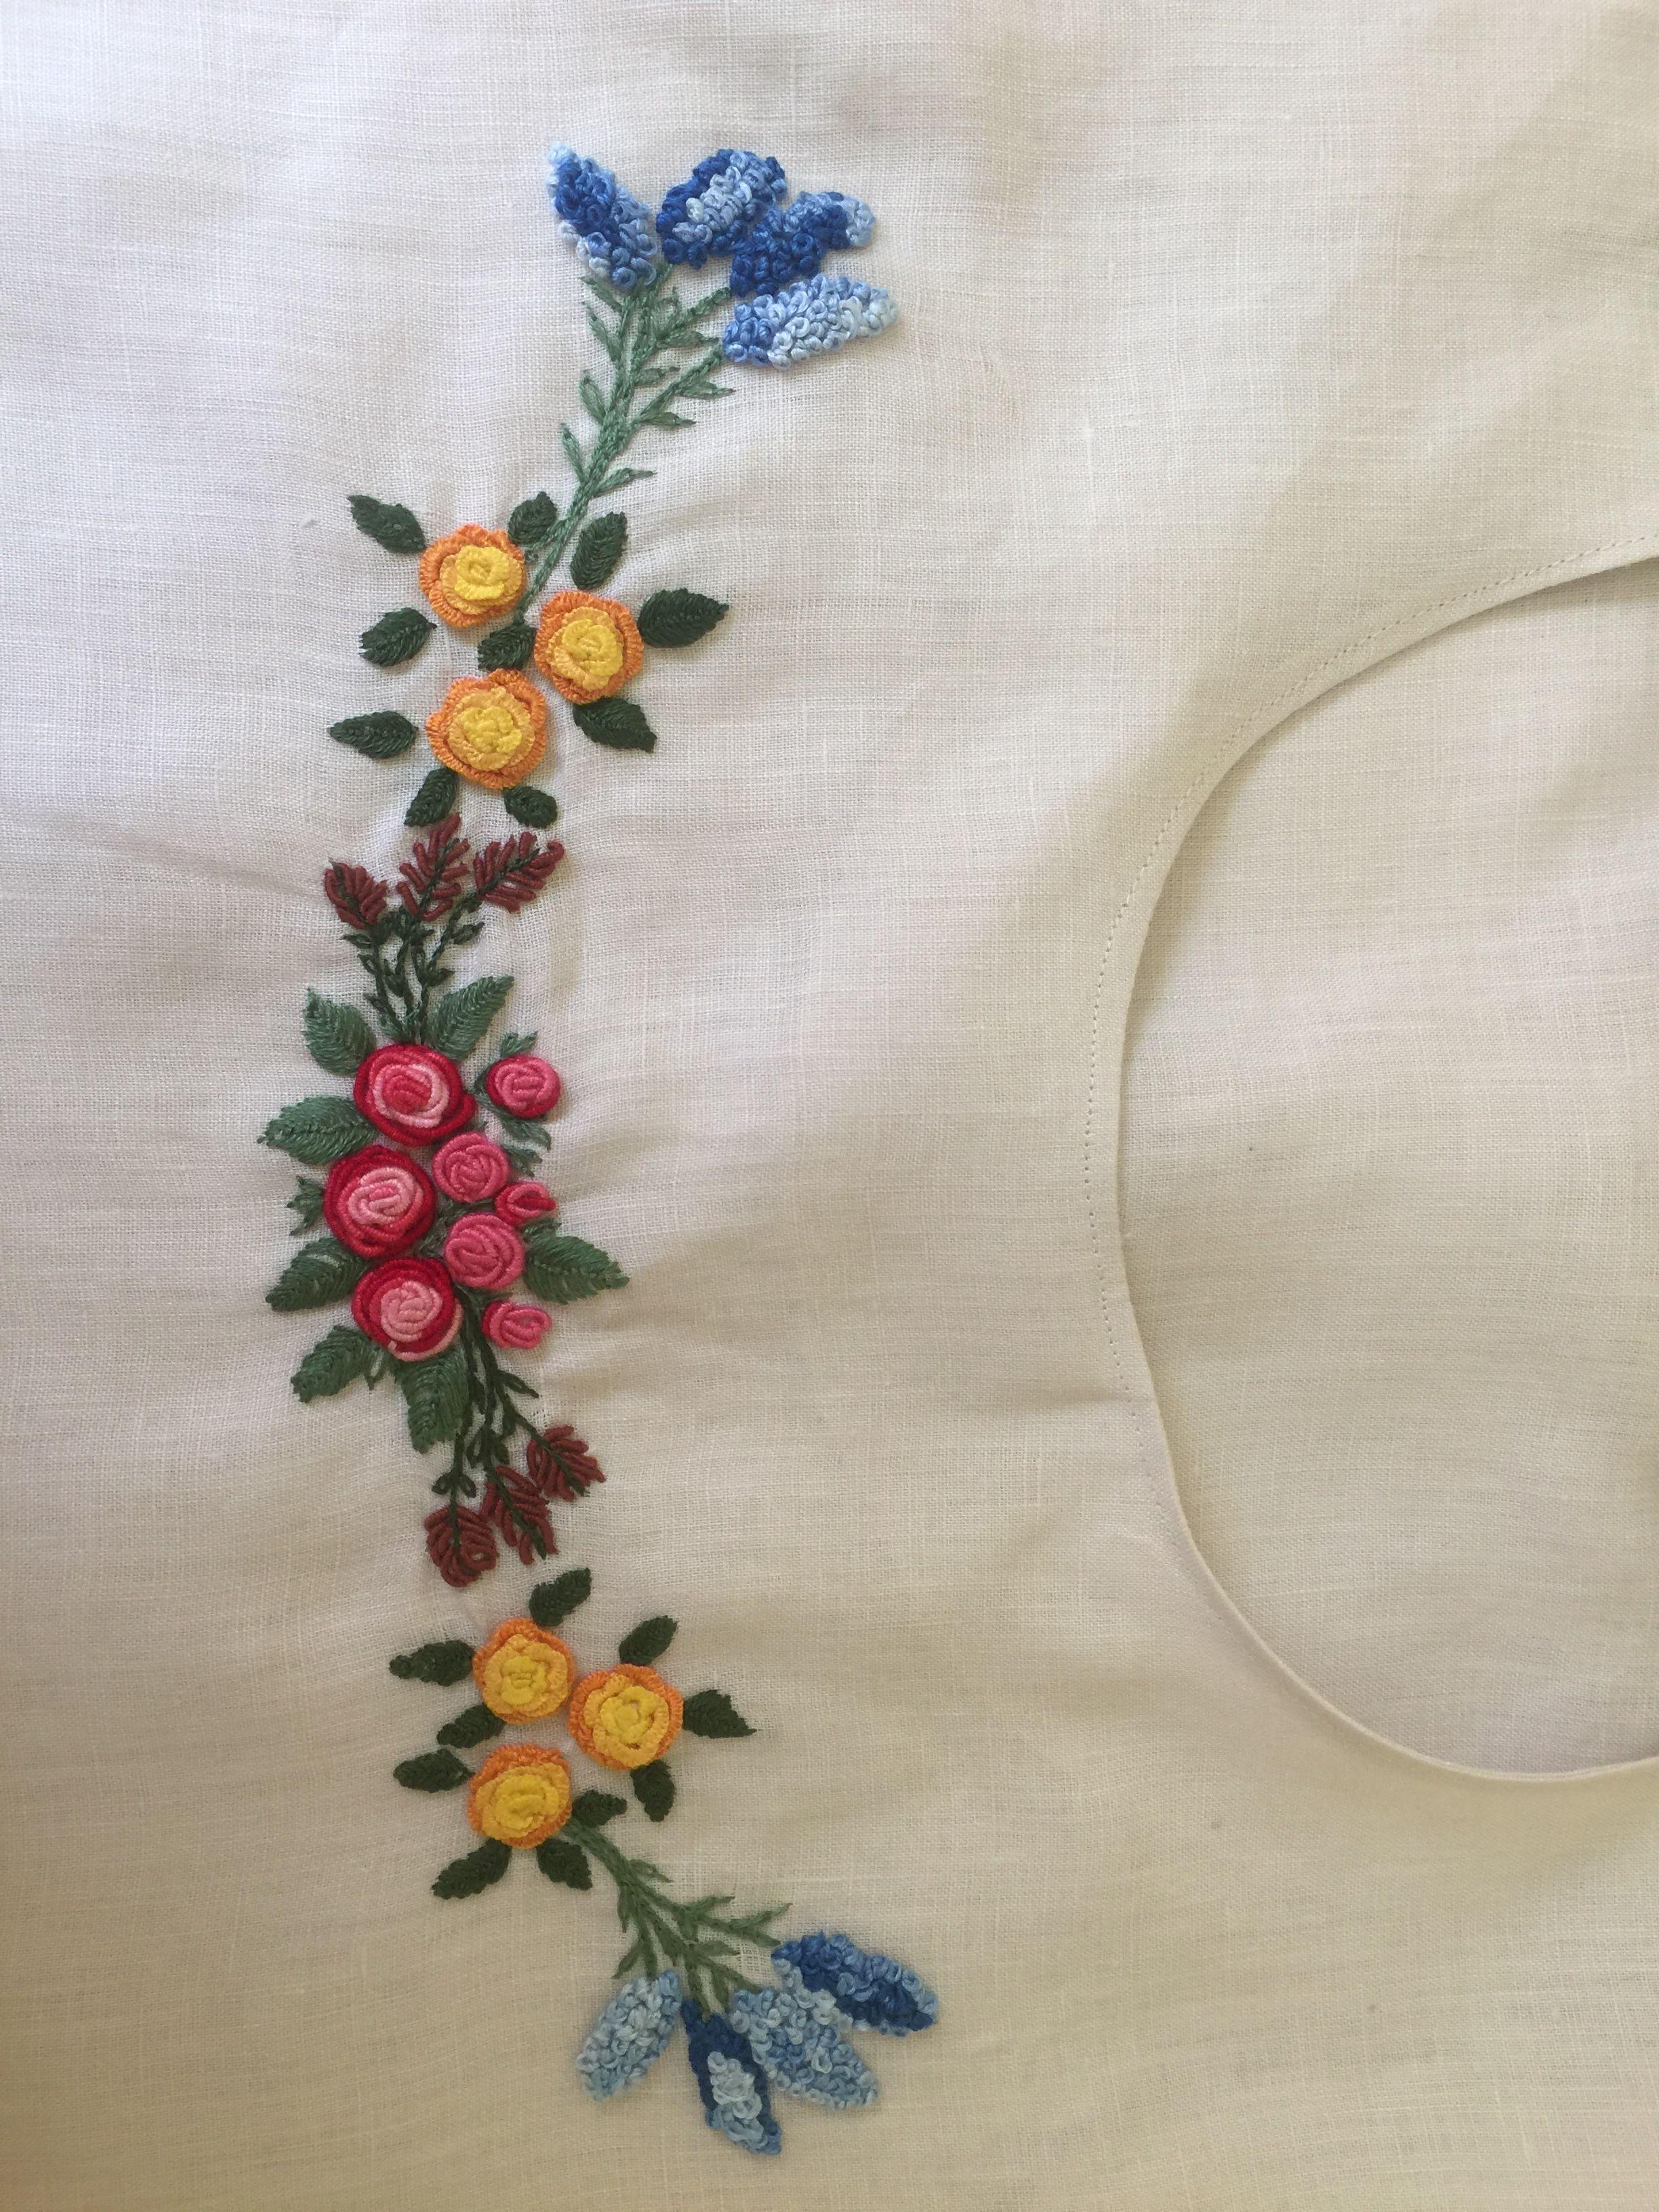 Pin de Cecilia Zabala en bordado | Pinterest | Embroidery ...